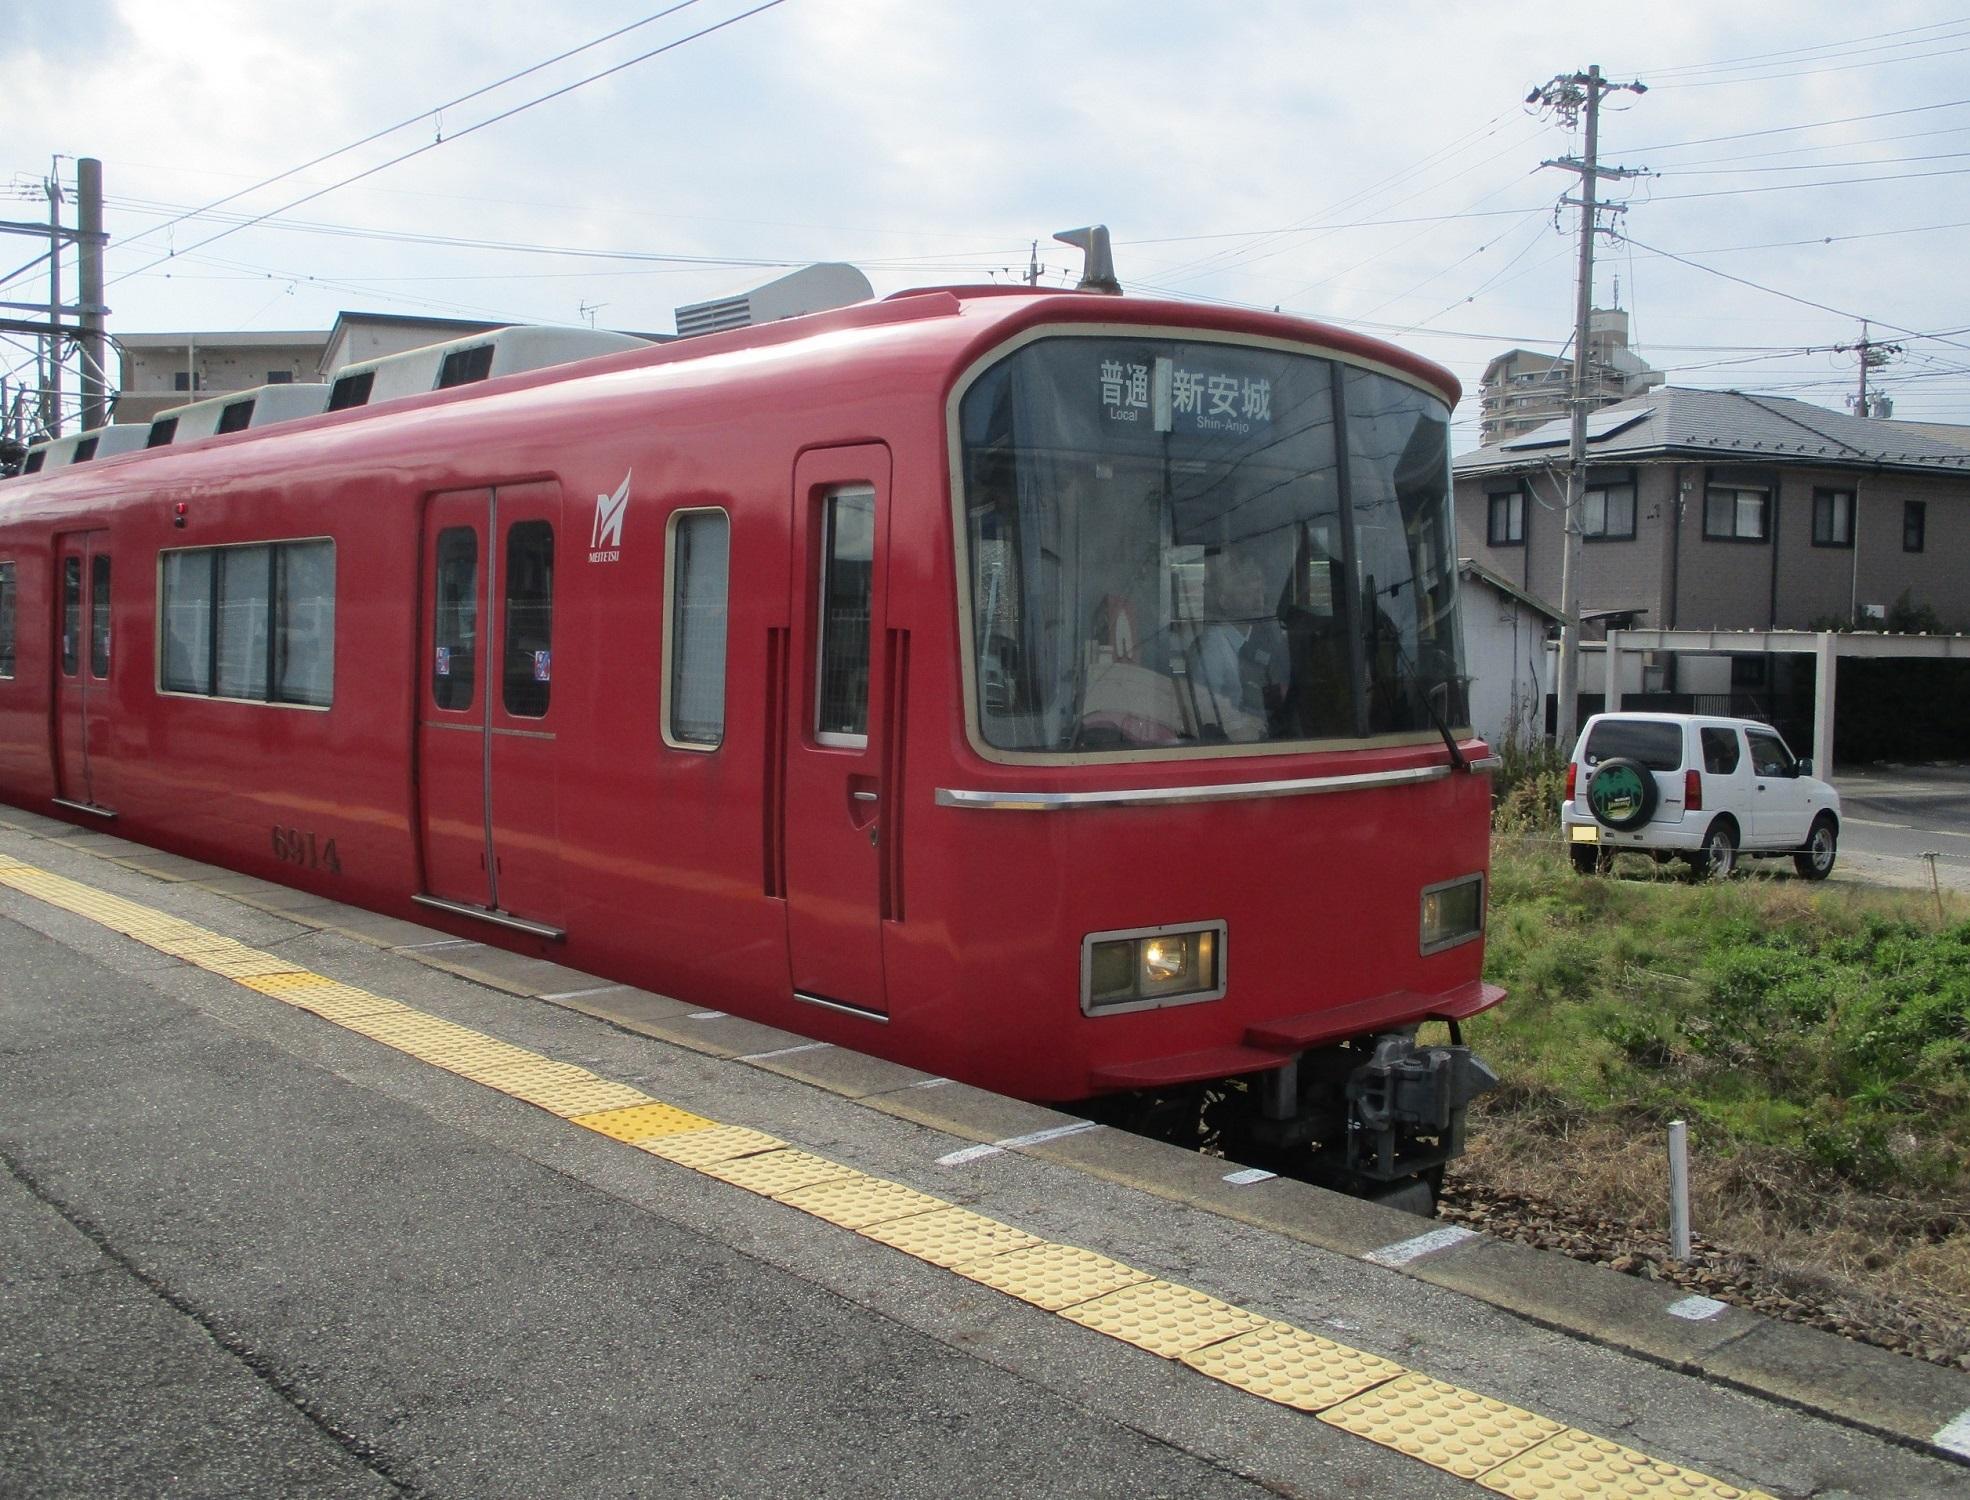 2019.11.11 (1) ふるい - しんあんじょういきふつう 1970-1500